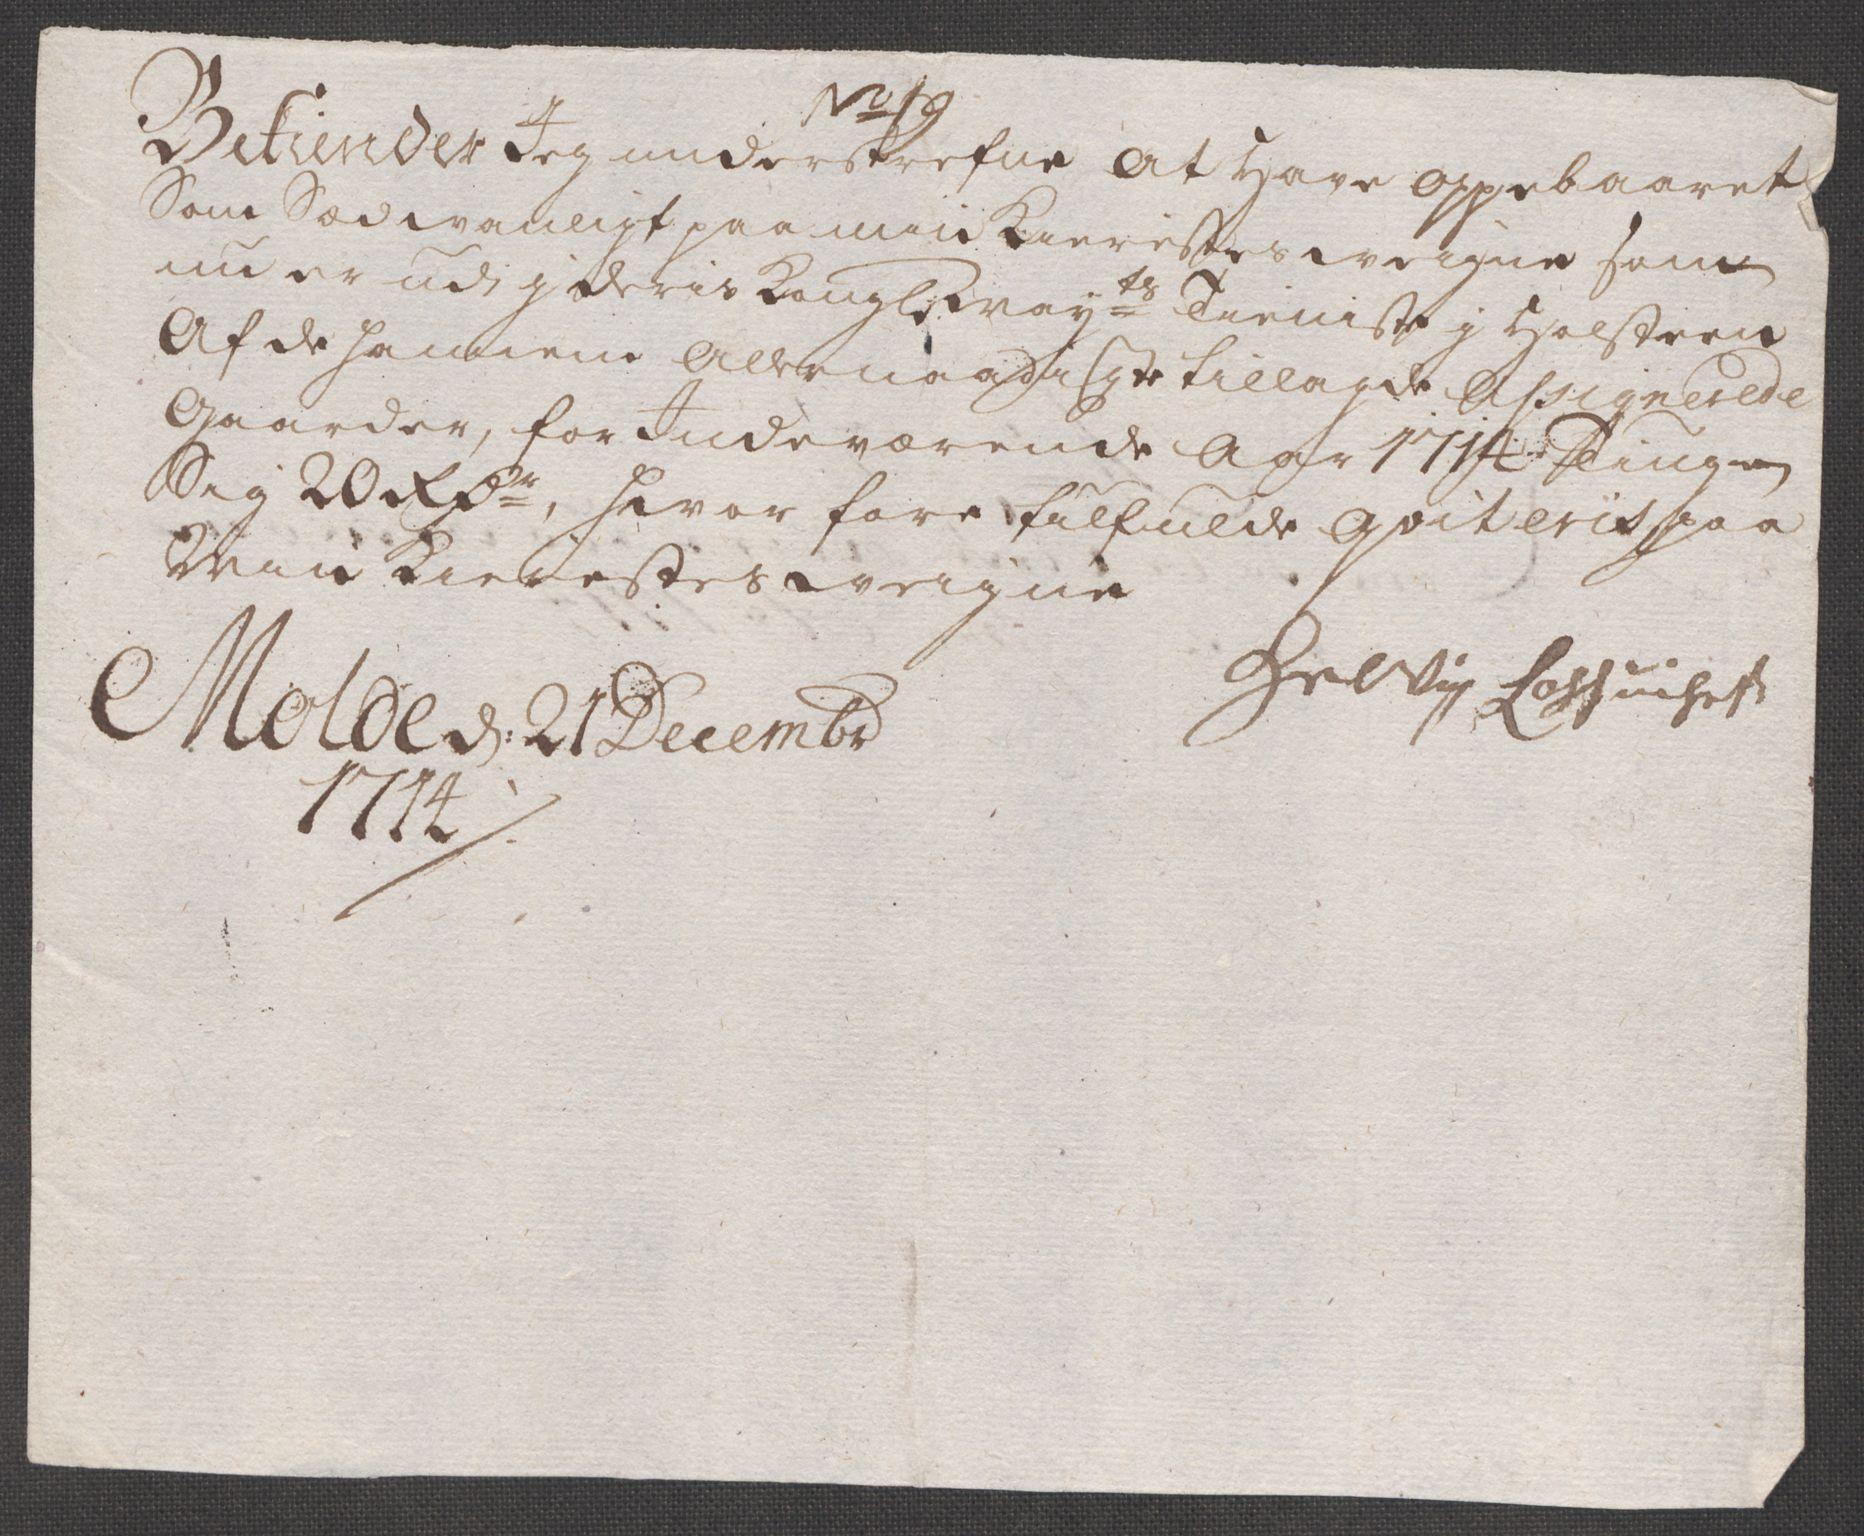 RA, Rentekammeret inntil 1814, Reviderte regnskaper, Fogderegnskap, R55/L3662: Fogderegnskap Romsdal, 1713-1714, s. 438